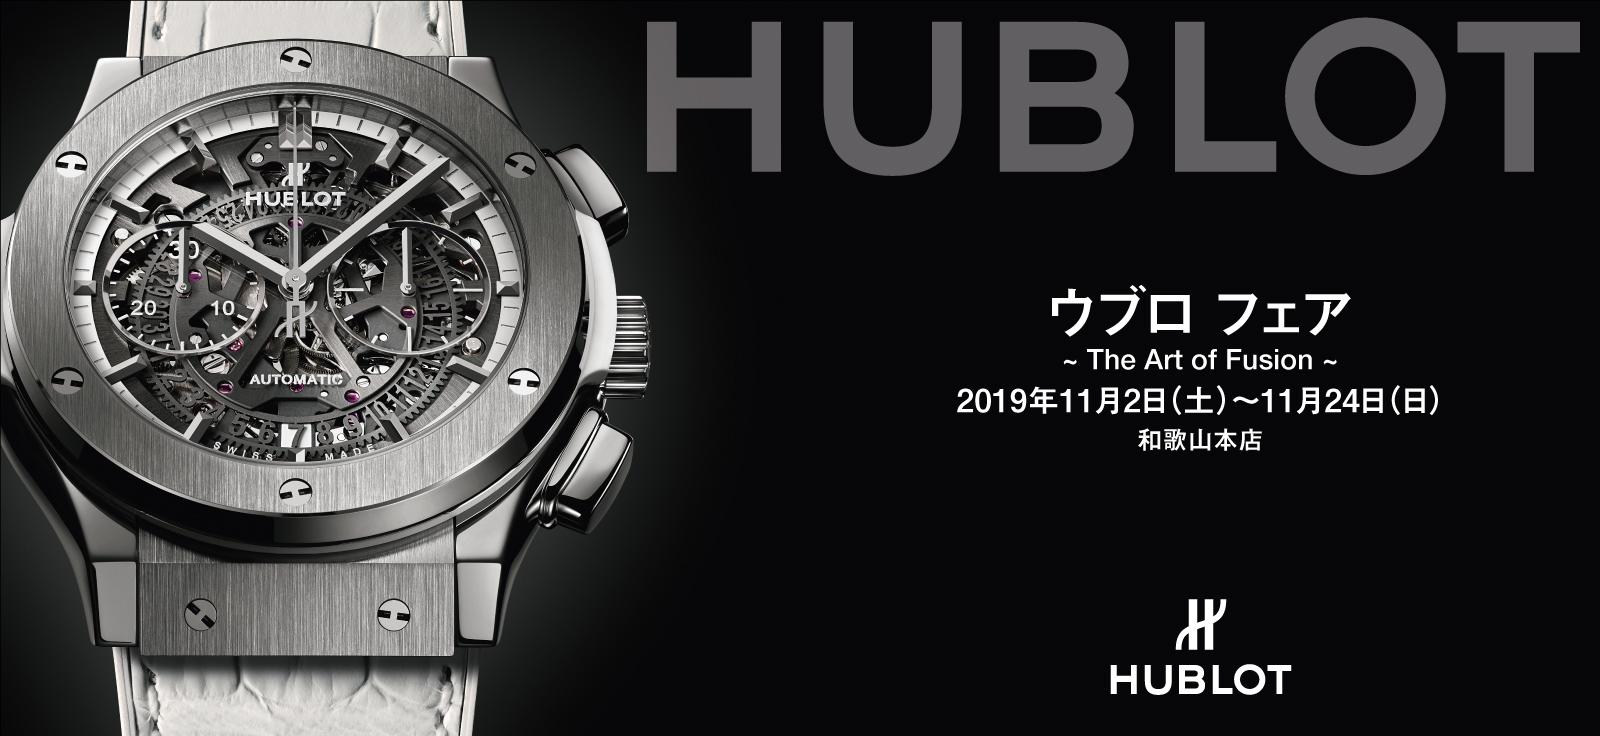 HUBLOT Fair[ウブロ フェア]2019年11月2日~24日|oomiya 和歌山本店